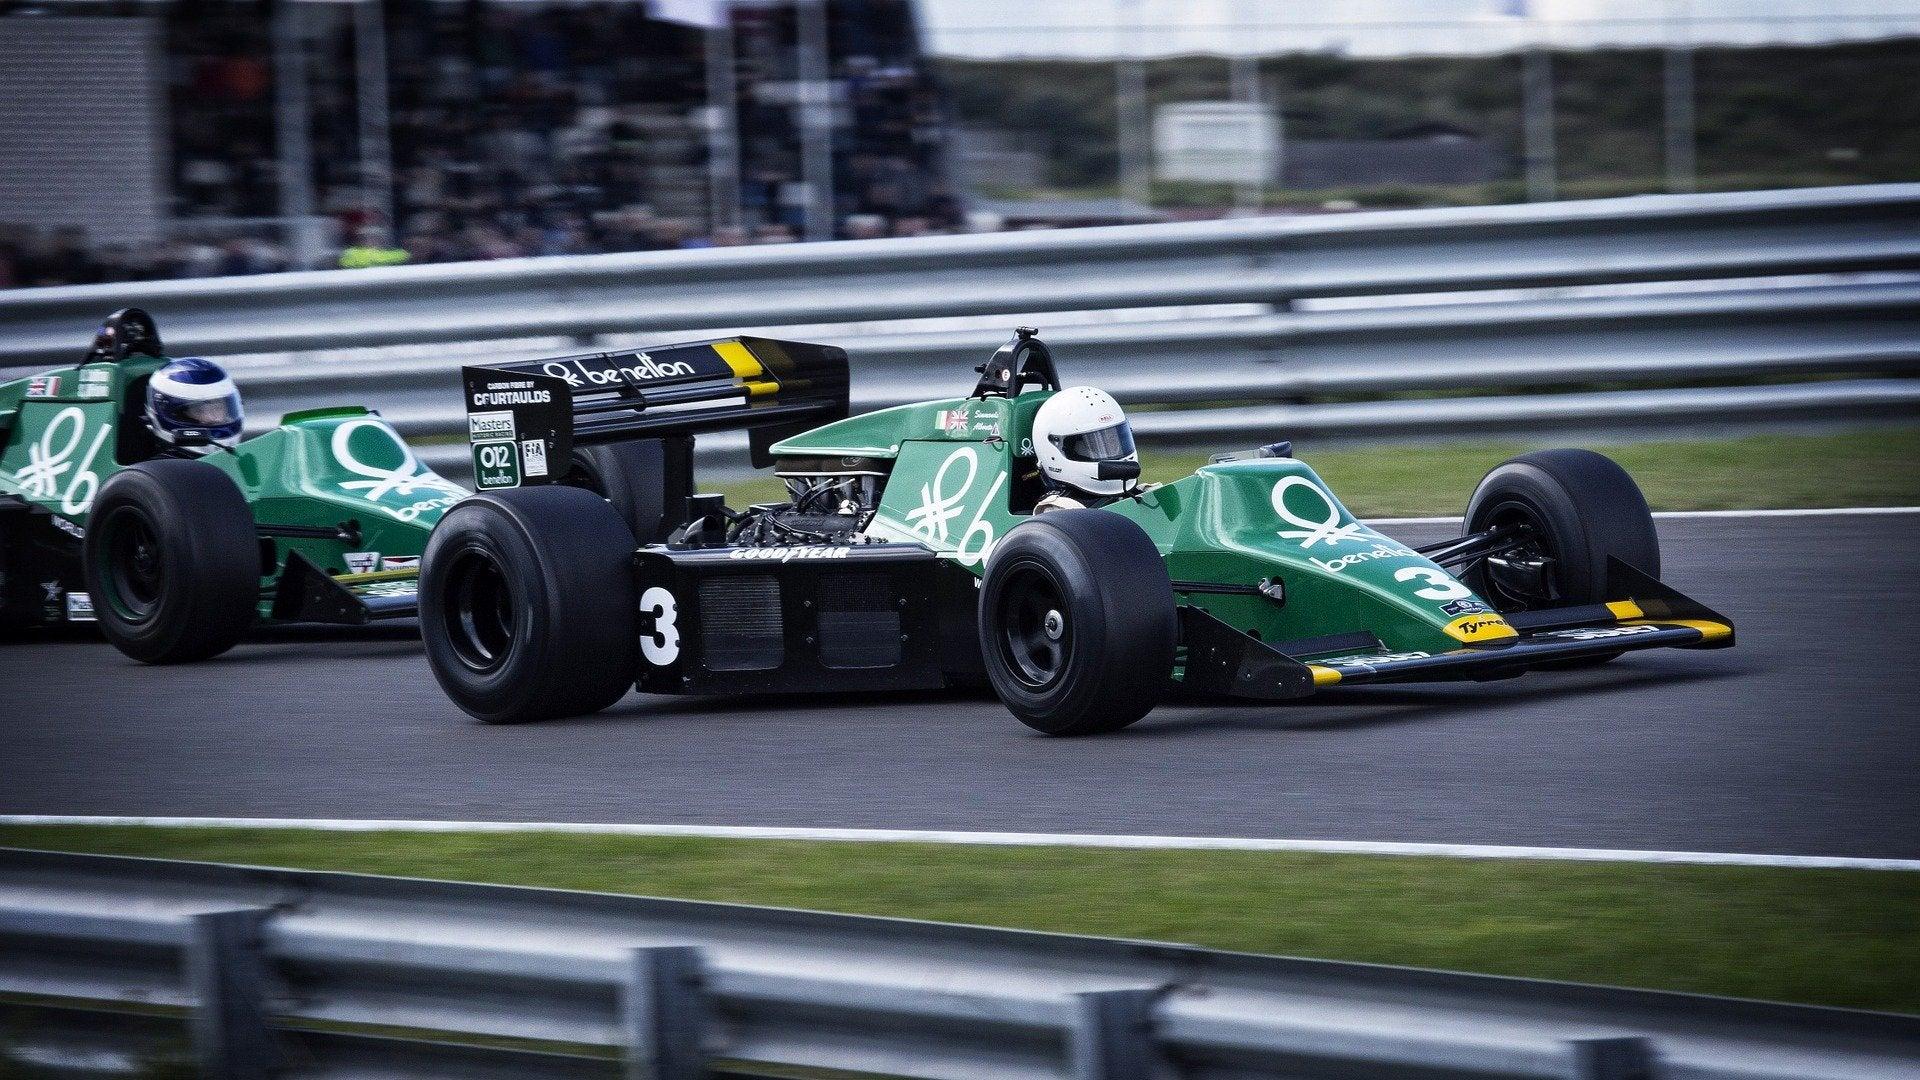 The ChampCar Grand Prix